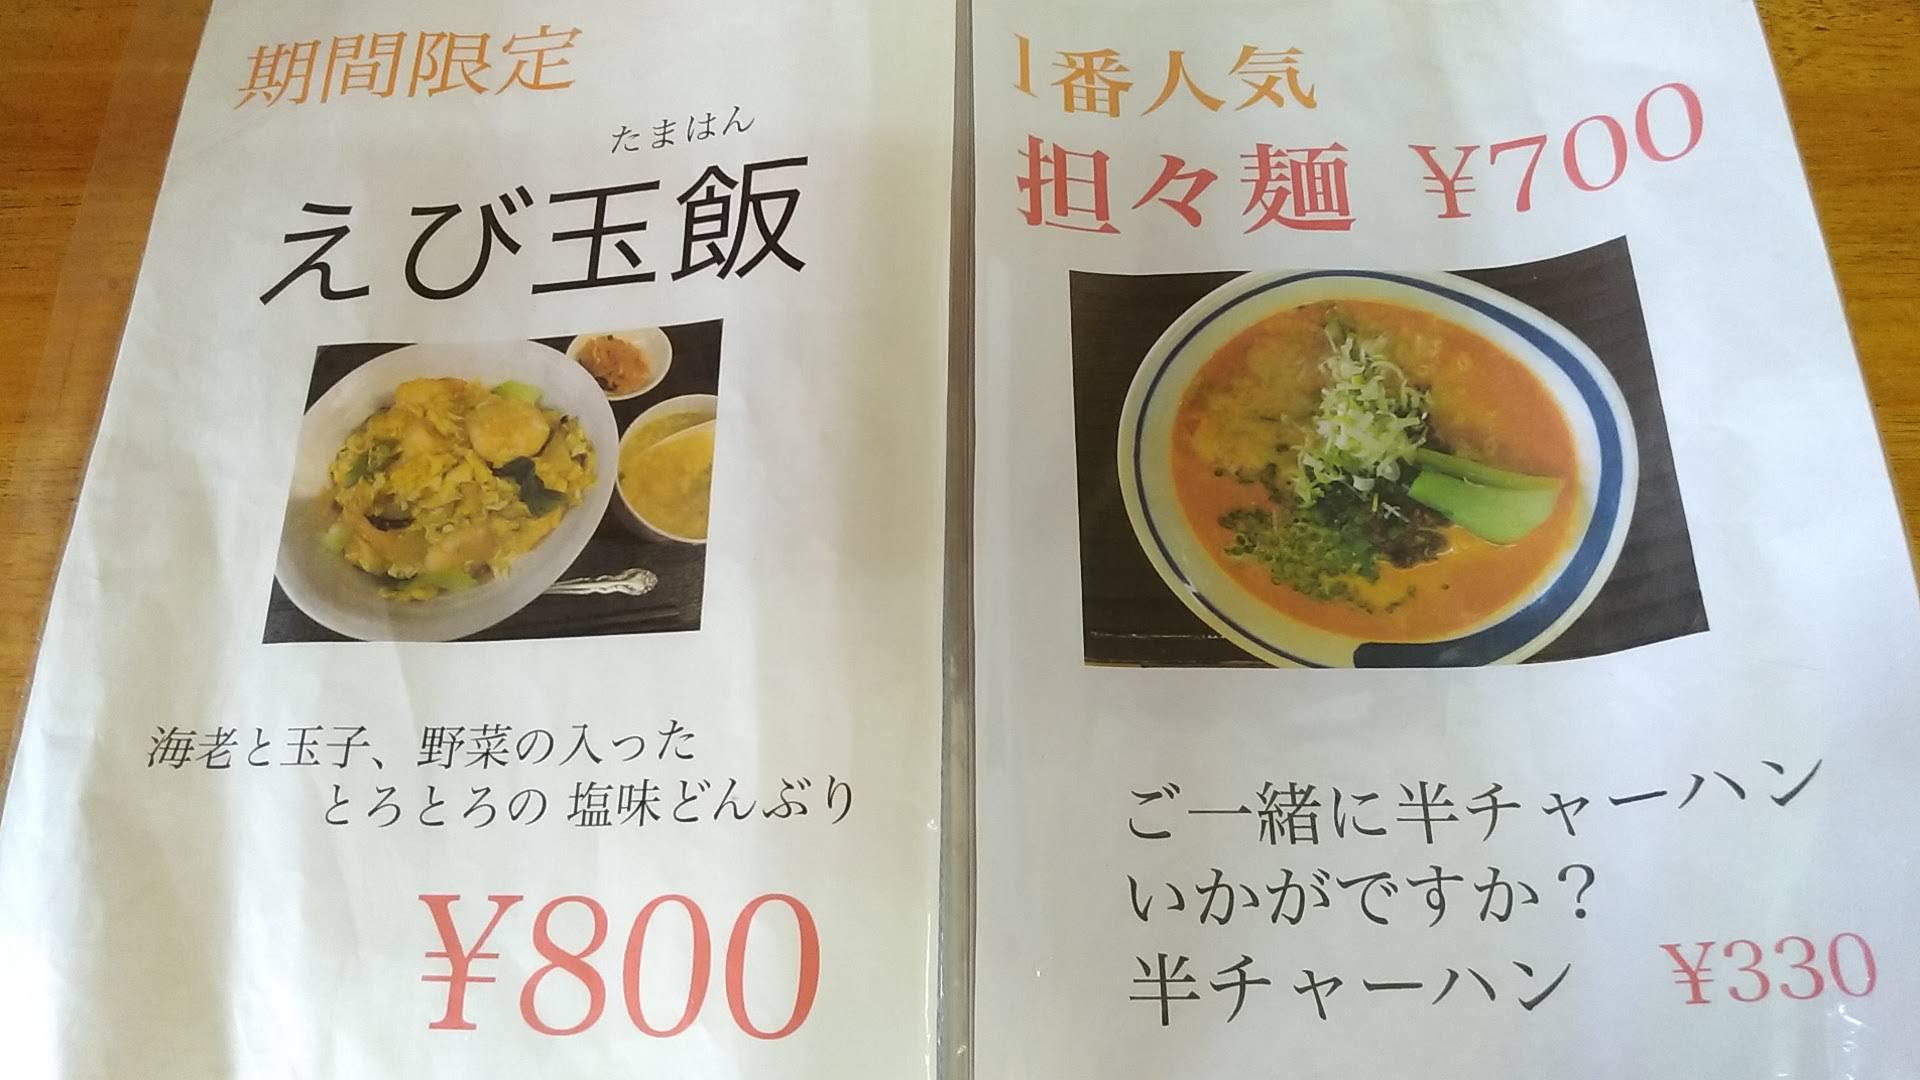 麺作のメニュー 1